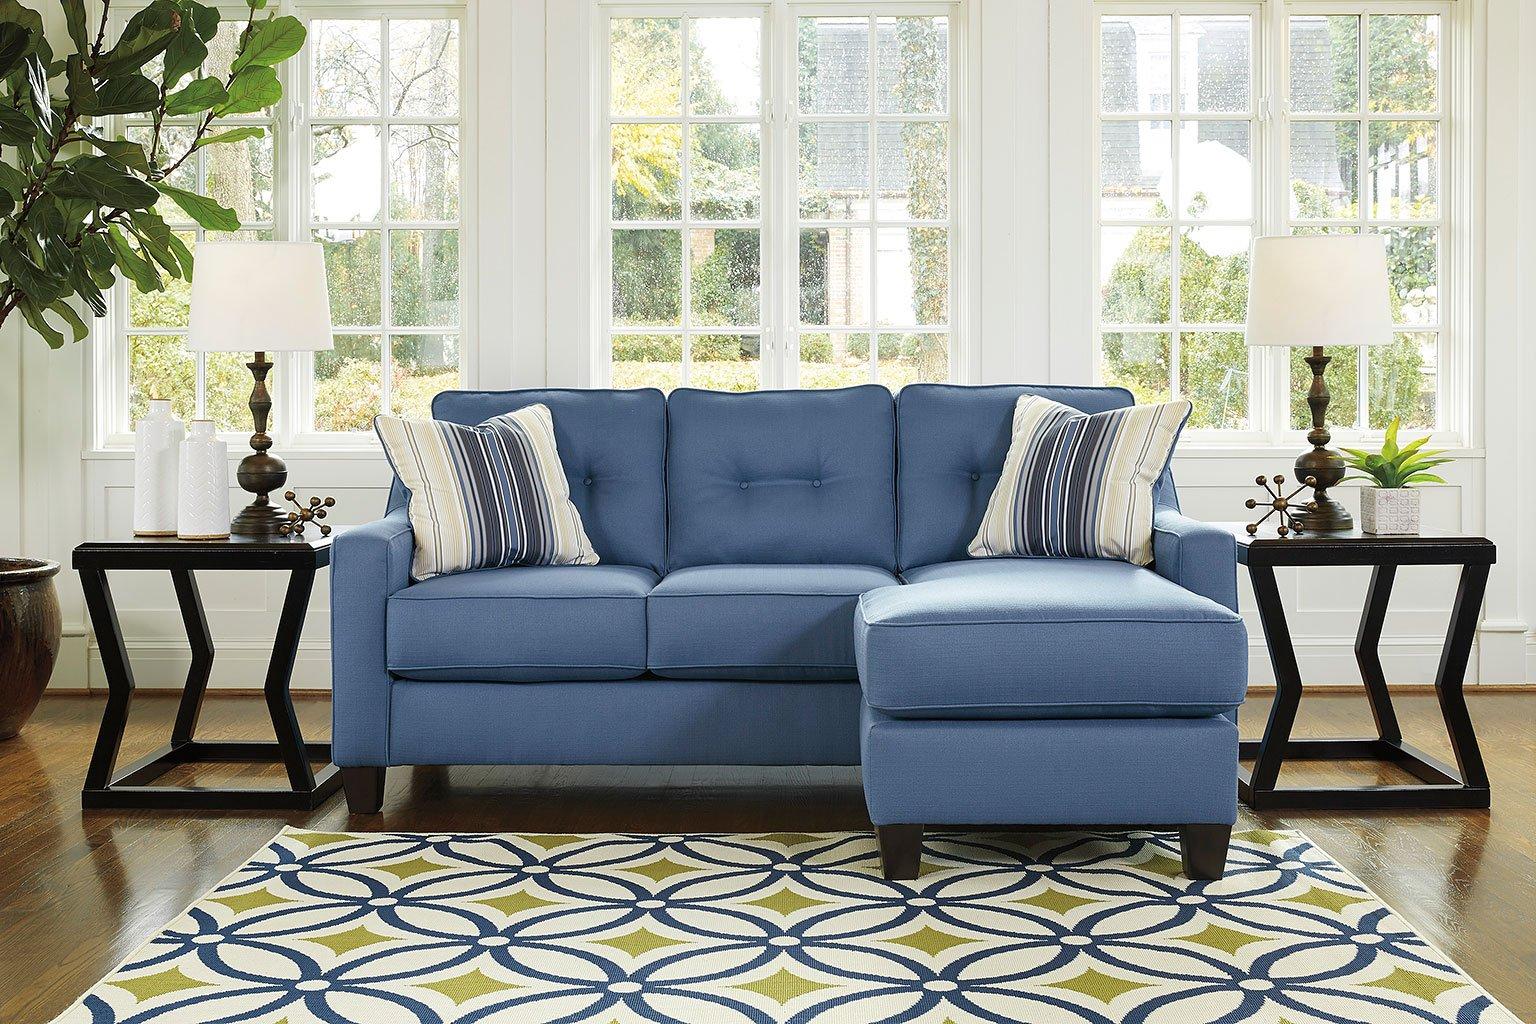 Aldie Nuvella Blue Sofa Chaise By Benchcraft Furniturepick